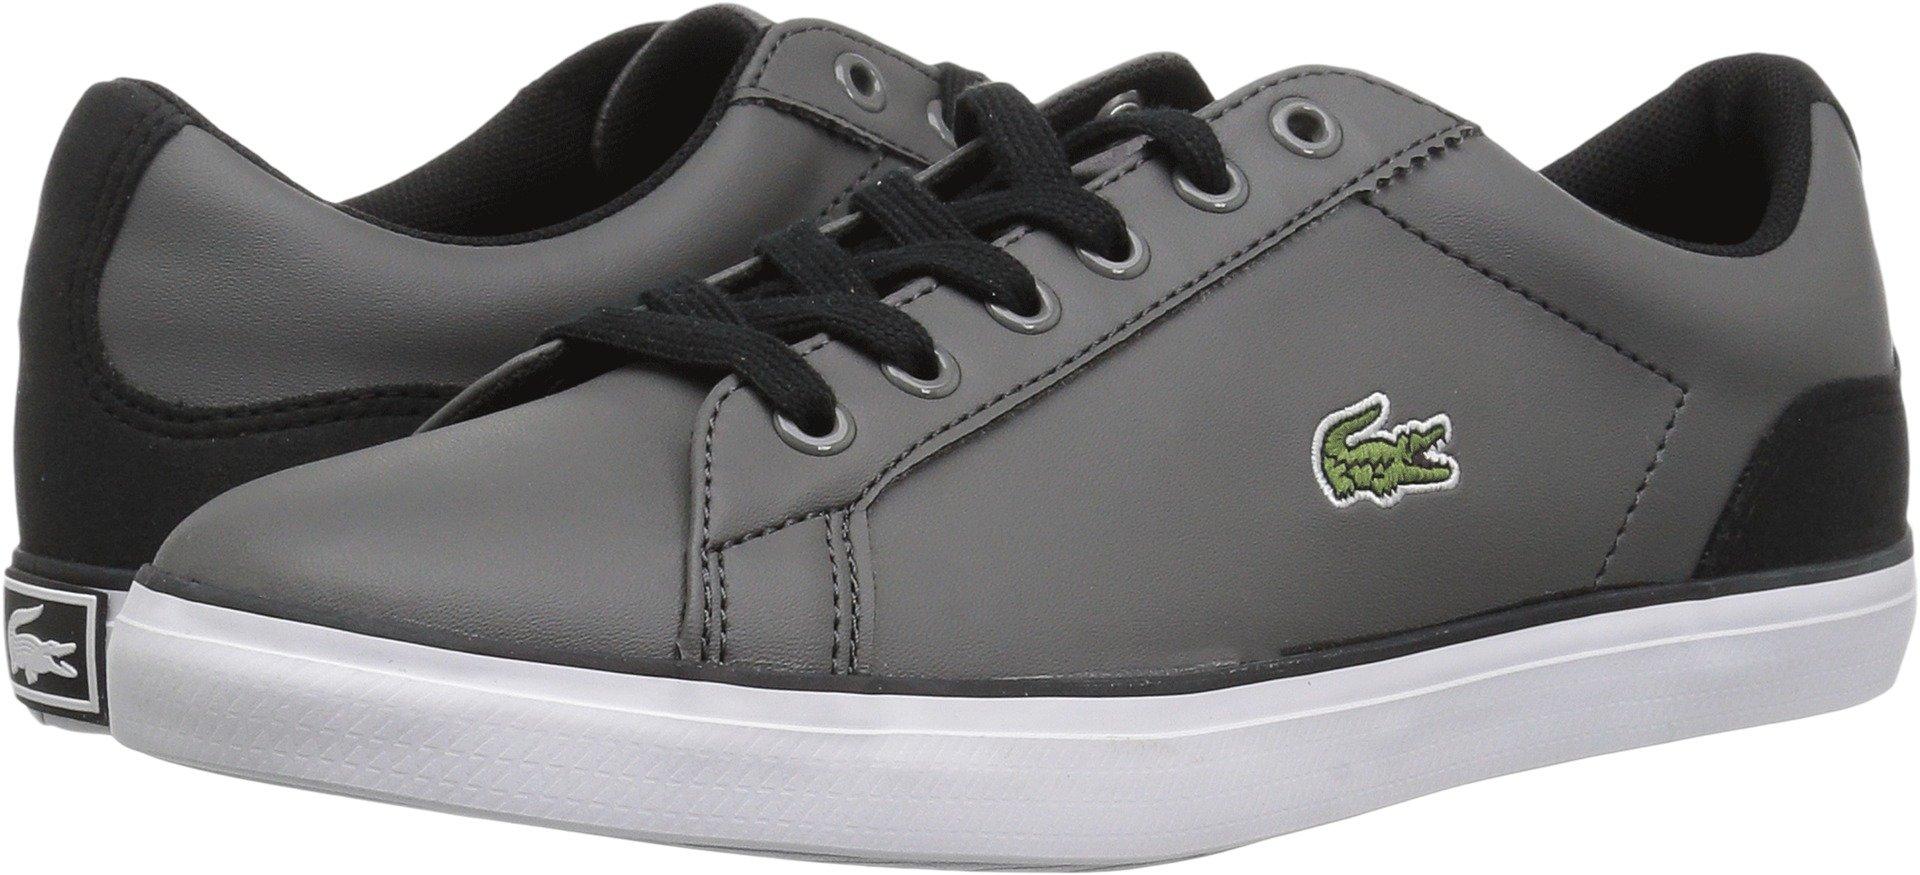 Lacoste Unisex-Kids Lerond 417 2 CAJ Sneaker, Dark Grey, 3.5 M US Big Kid